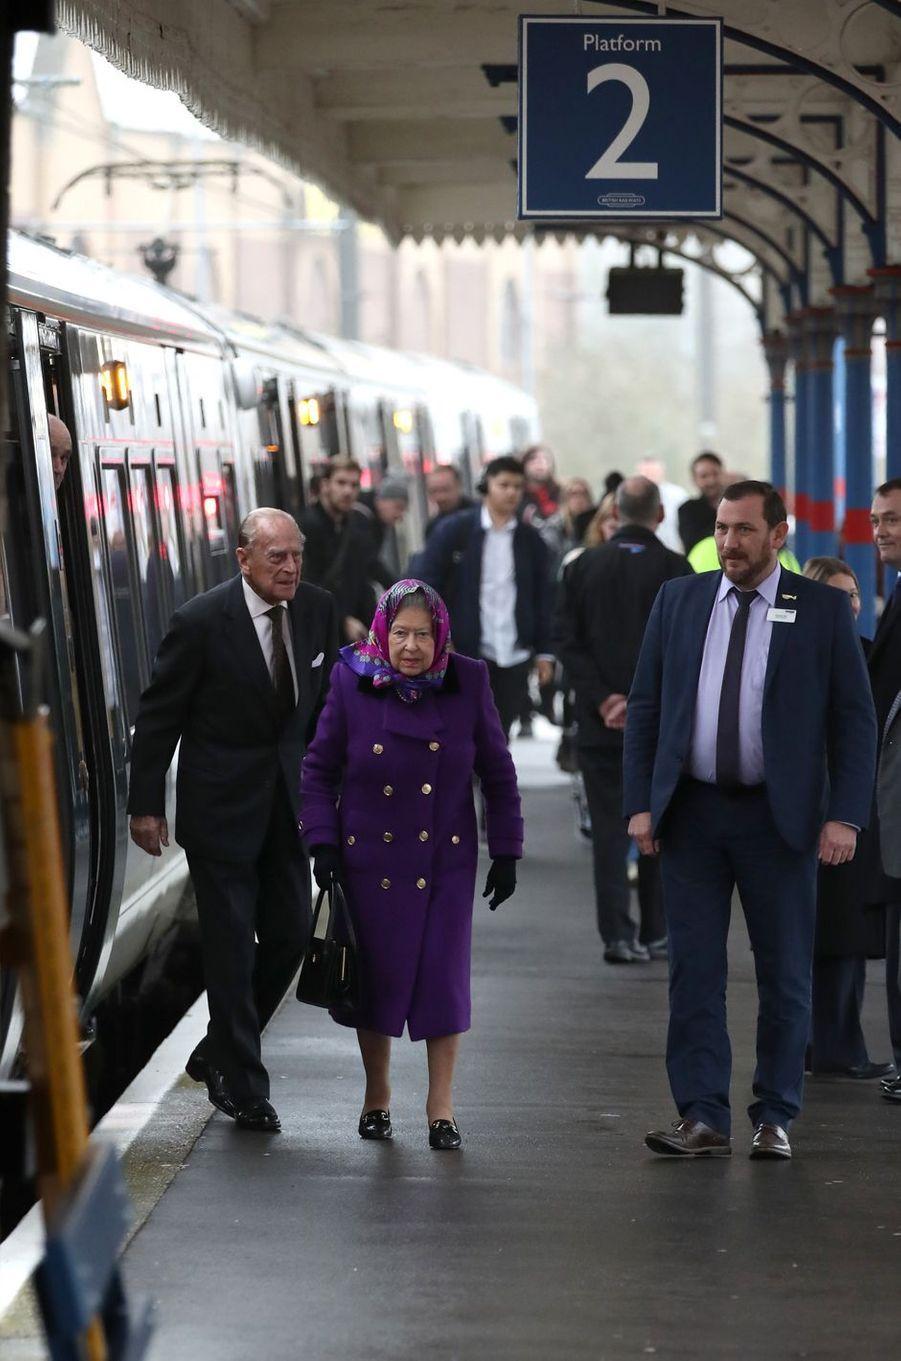 La reine Elizabeth II et le prince Philip arrivent à la gare de King's Lynn dans le Norfolk, le 21 décembre 2017